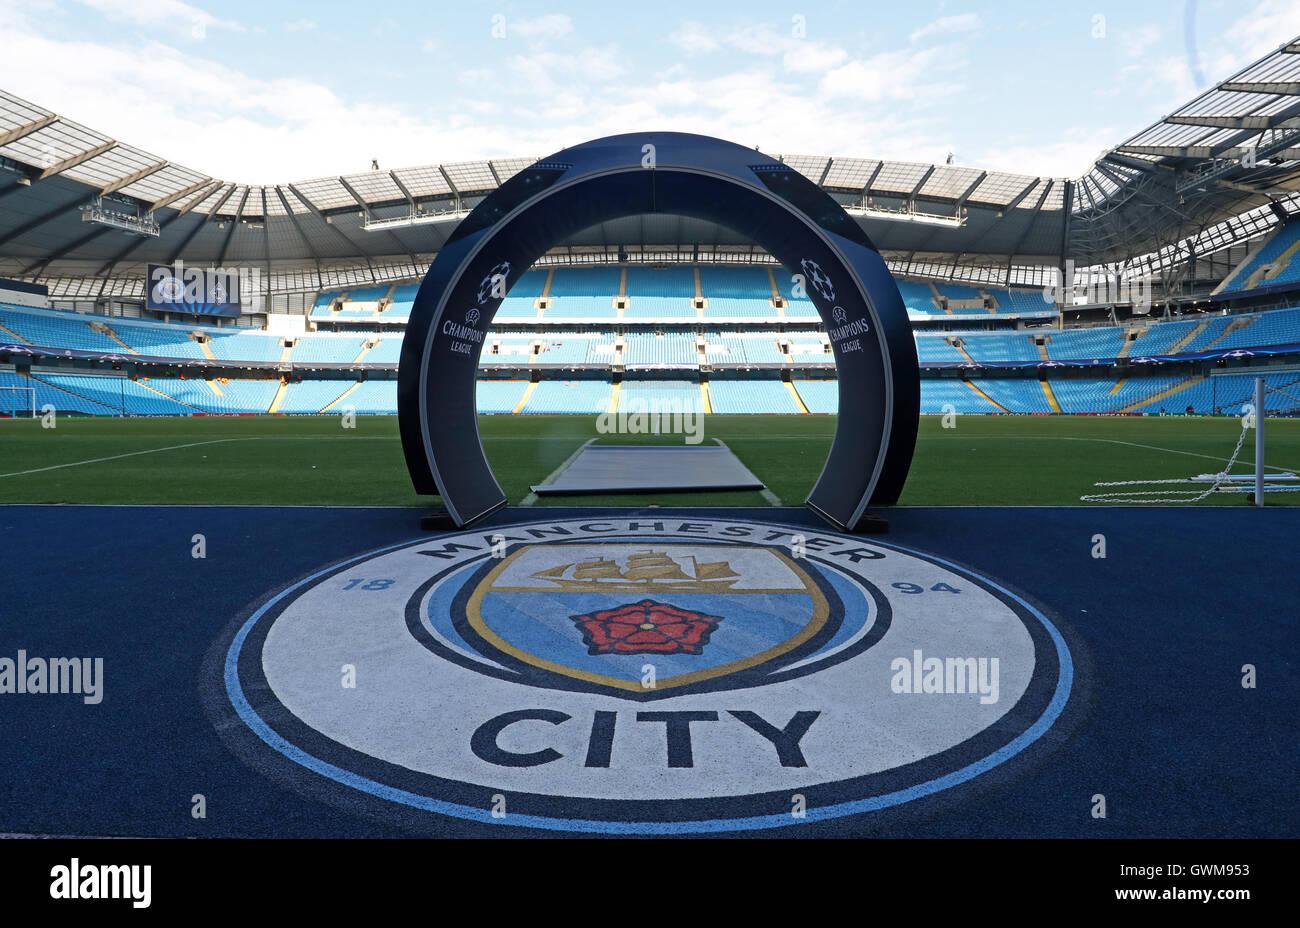 Una vista generale dell'Etihad Stadium prima della Champions League tra Manchester City e Borussia Monchengladbach. Immagini Stock